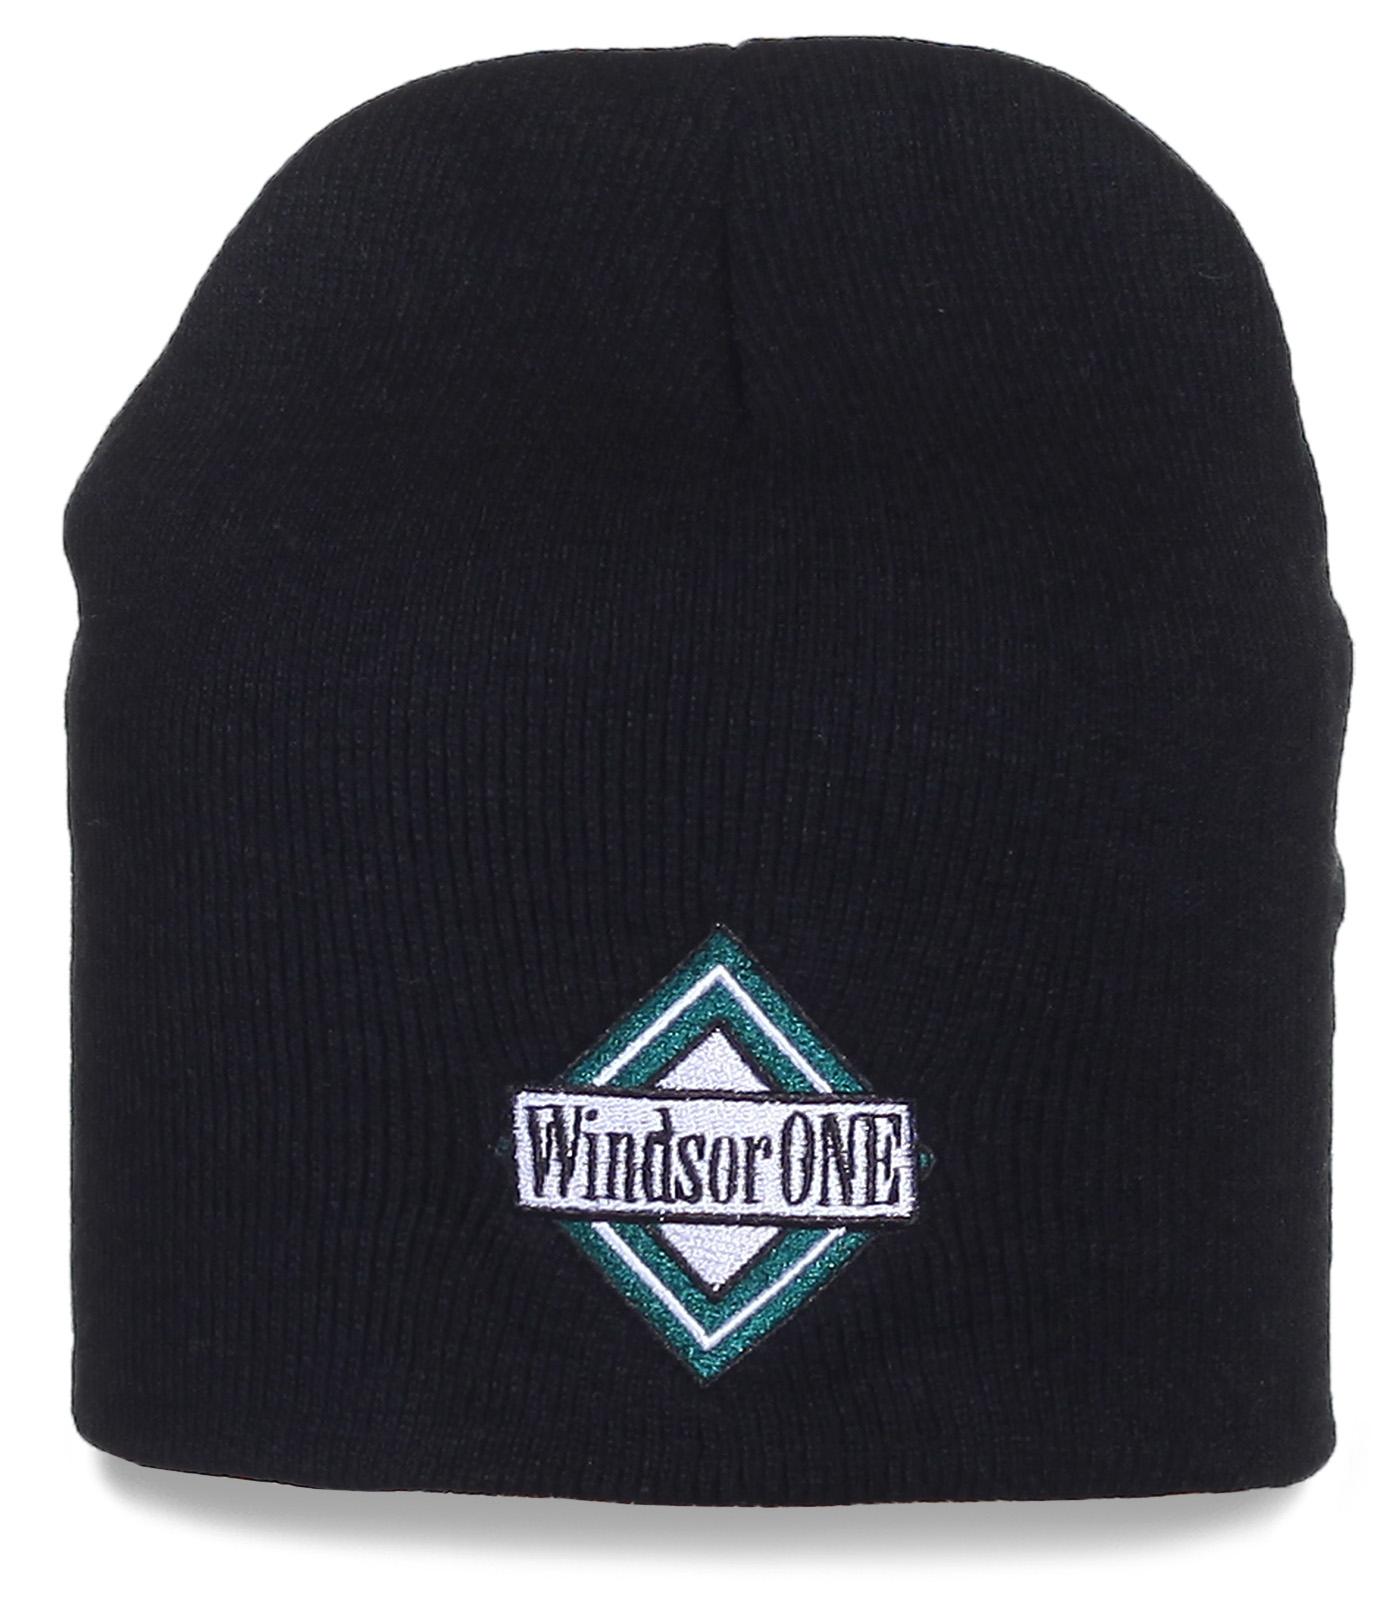 Модная шапка Windsor One. Удобство и практичность гарантированы!